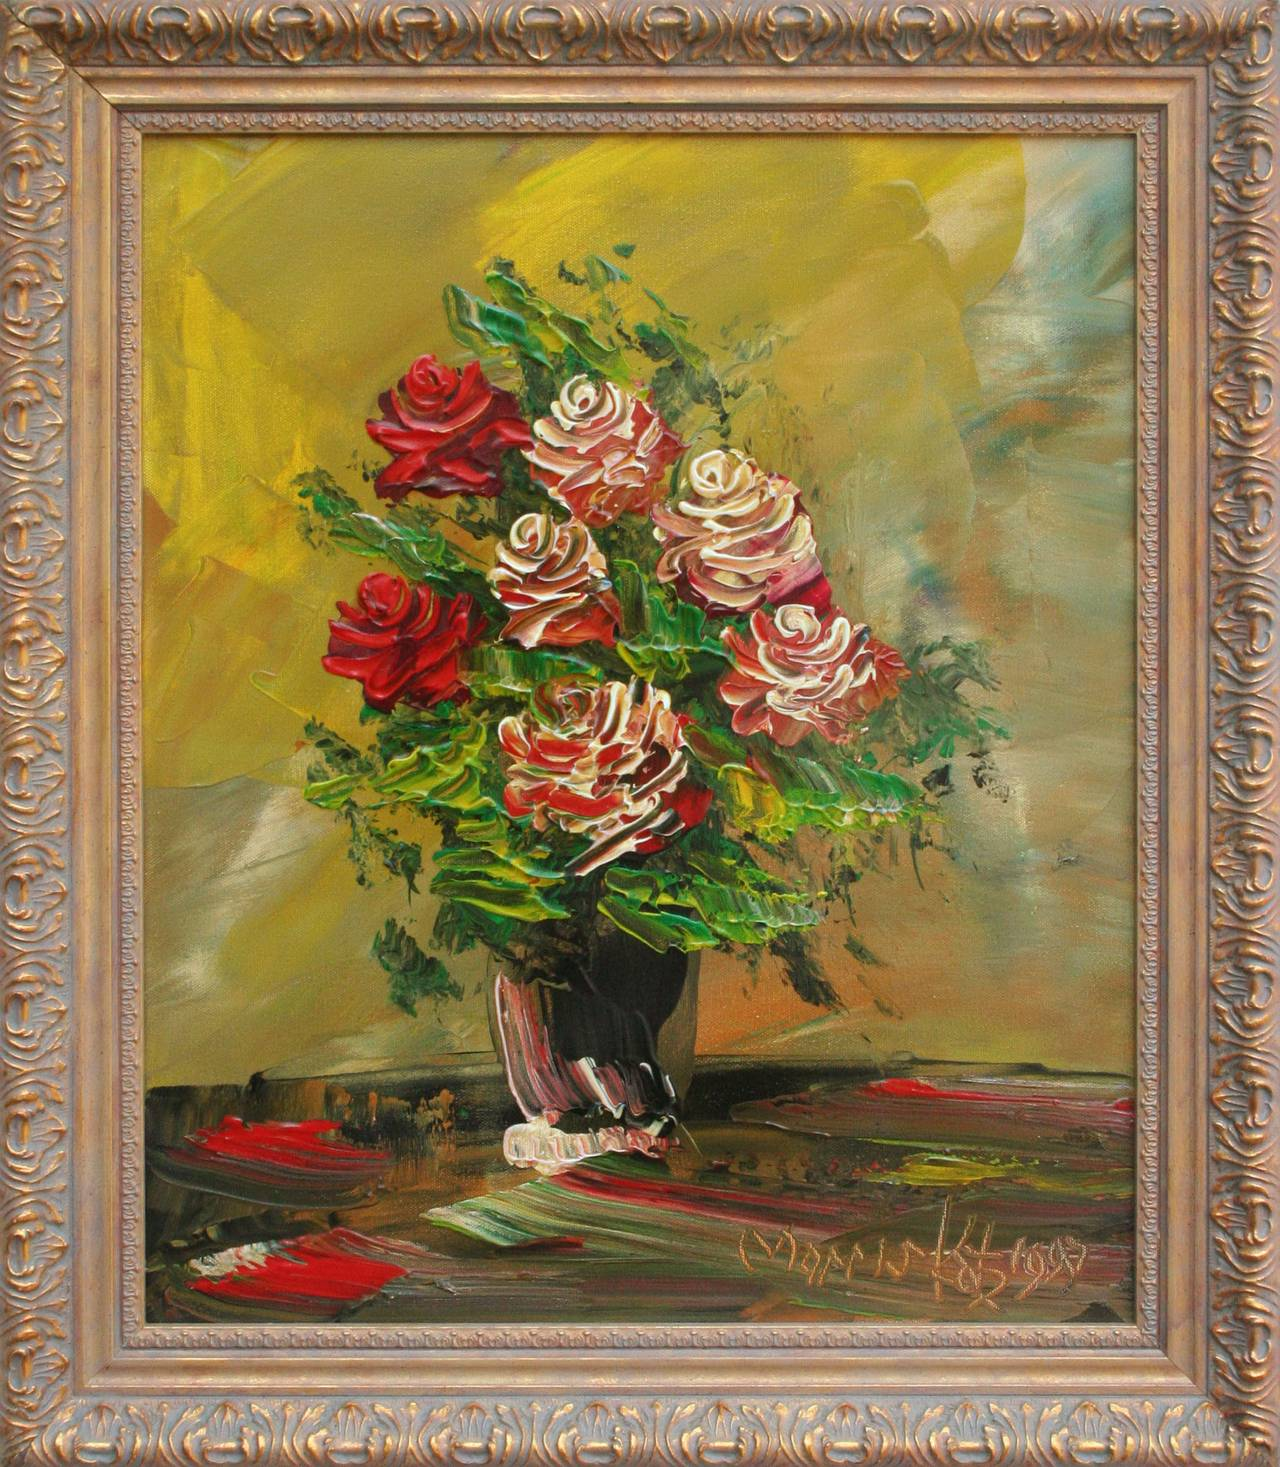 Morris katz red roses still life painting for sale at for Katz fine art